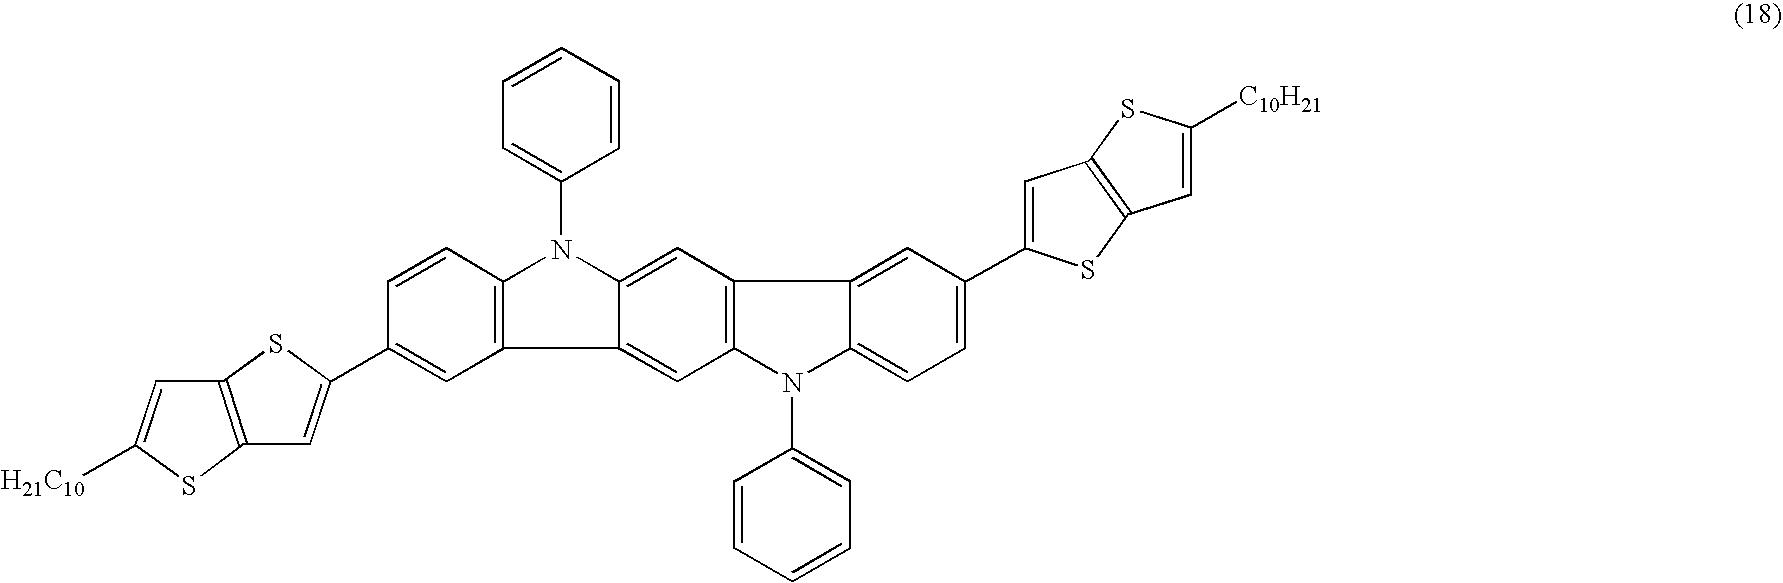 Figure US07456424-20081125-C00011